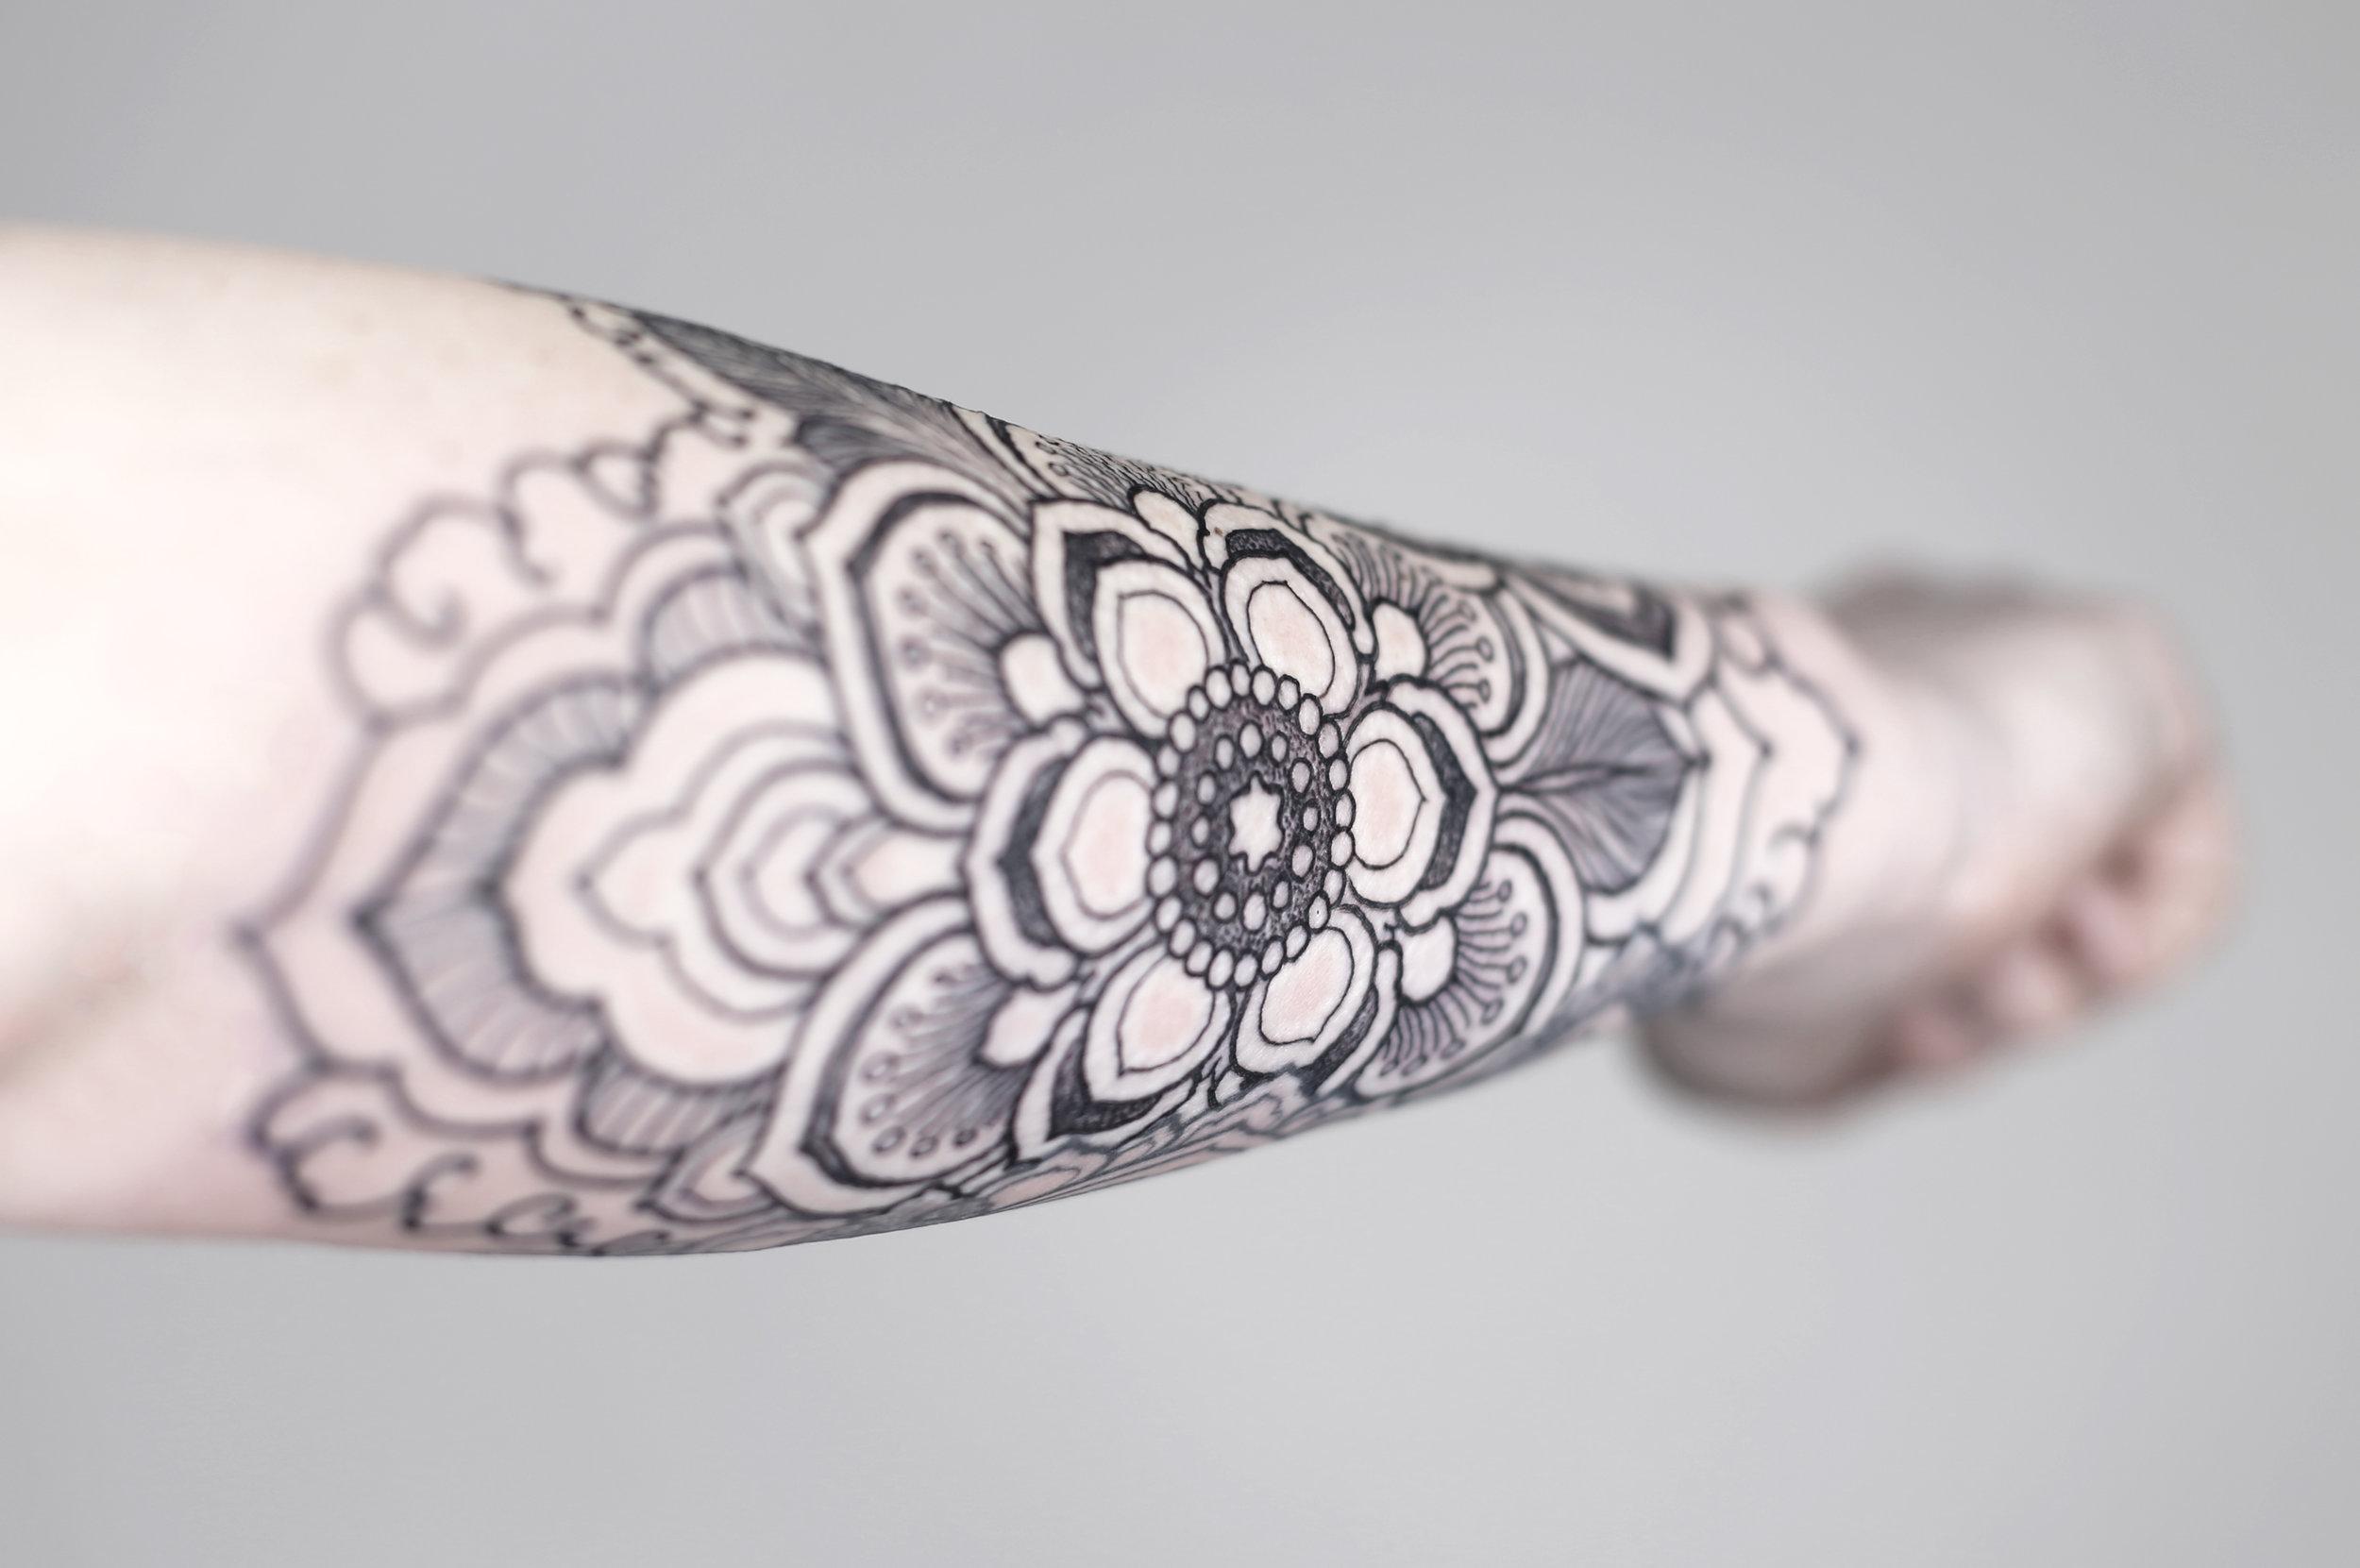 jessica tattoo ejay tattoo singleton tattoo mandala stipple dallas texas ink master.jpg